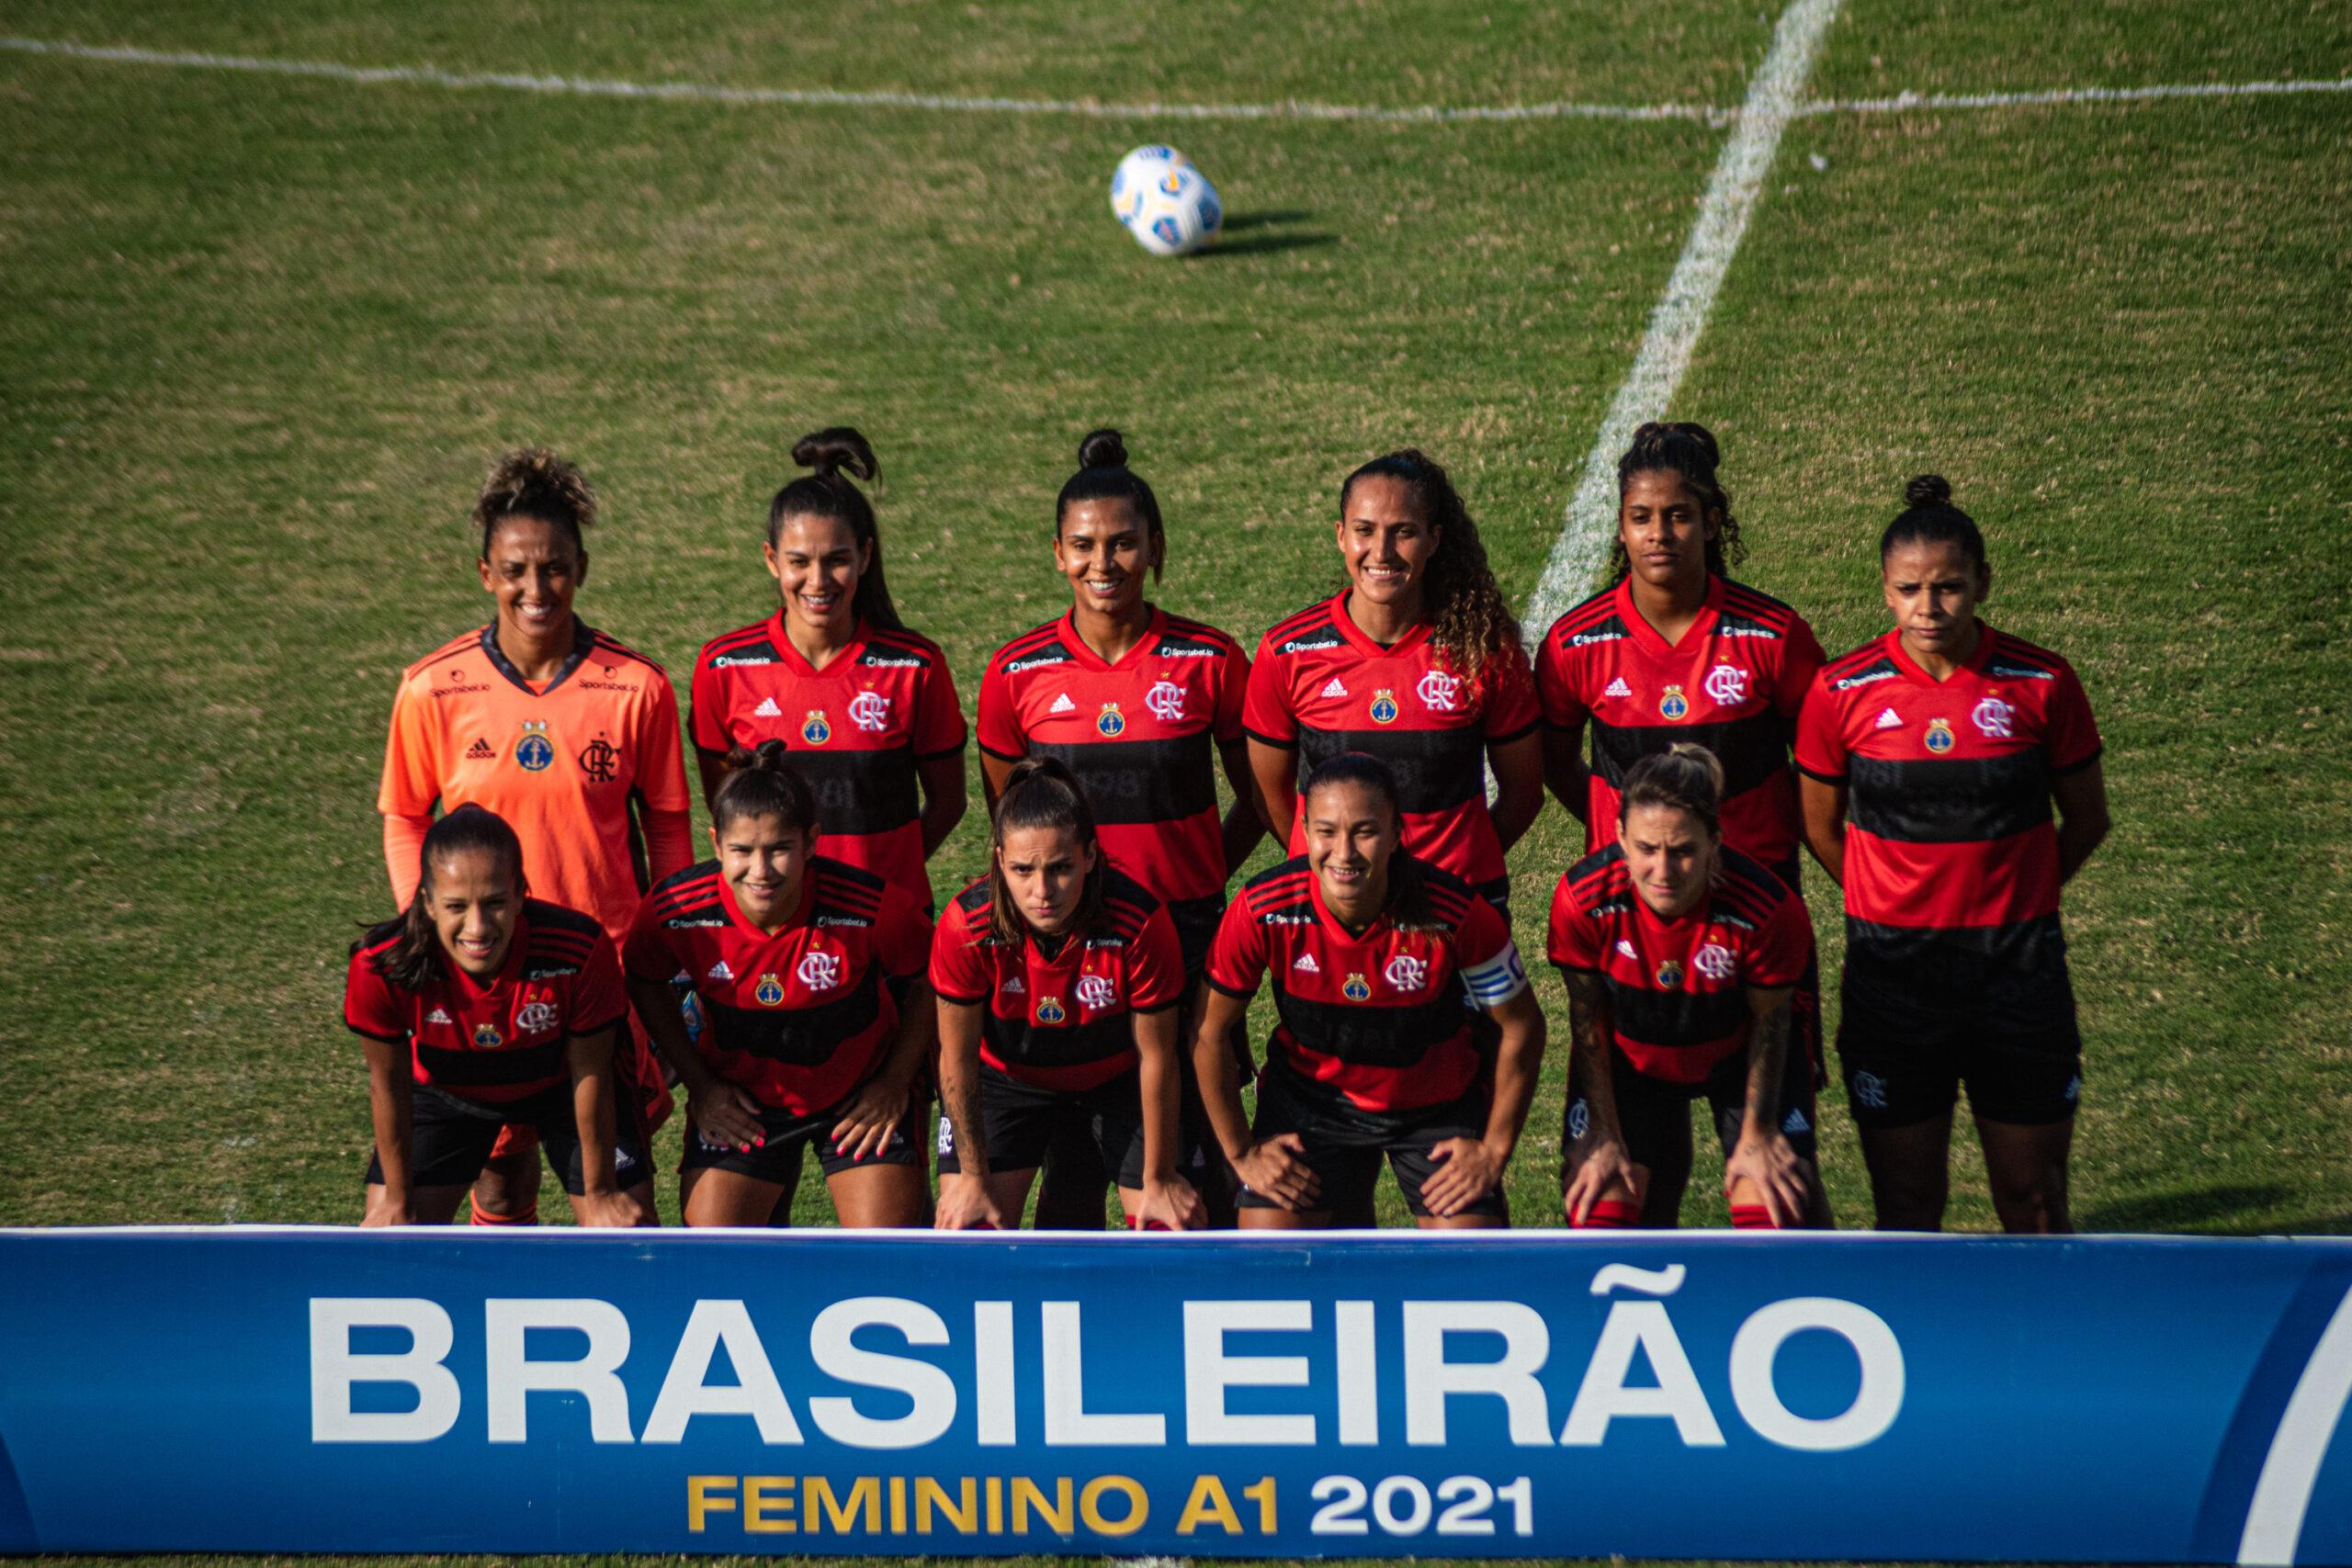 Flamengo cruzeiro feminino